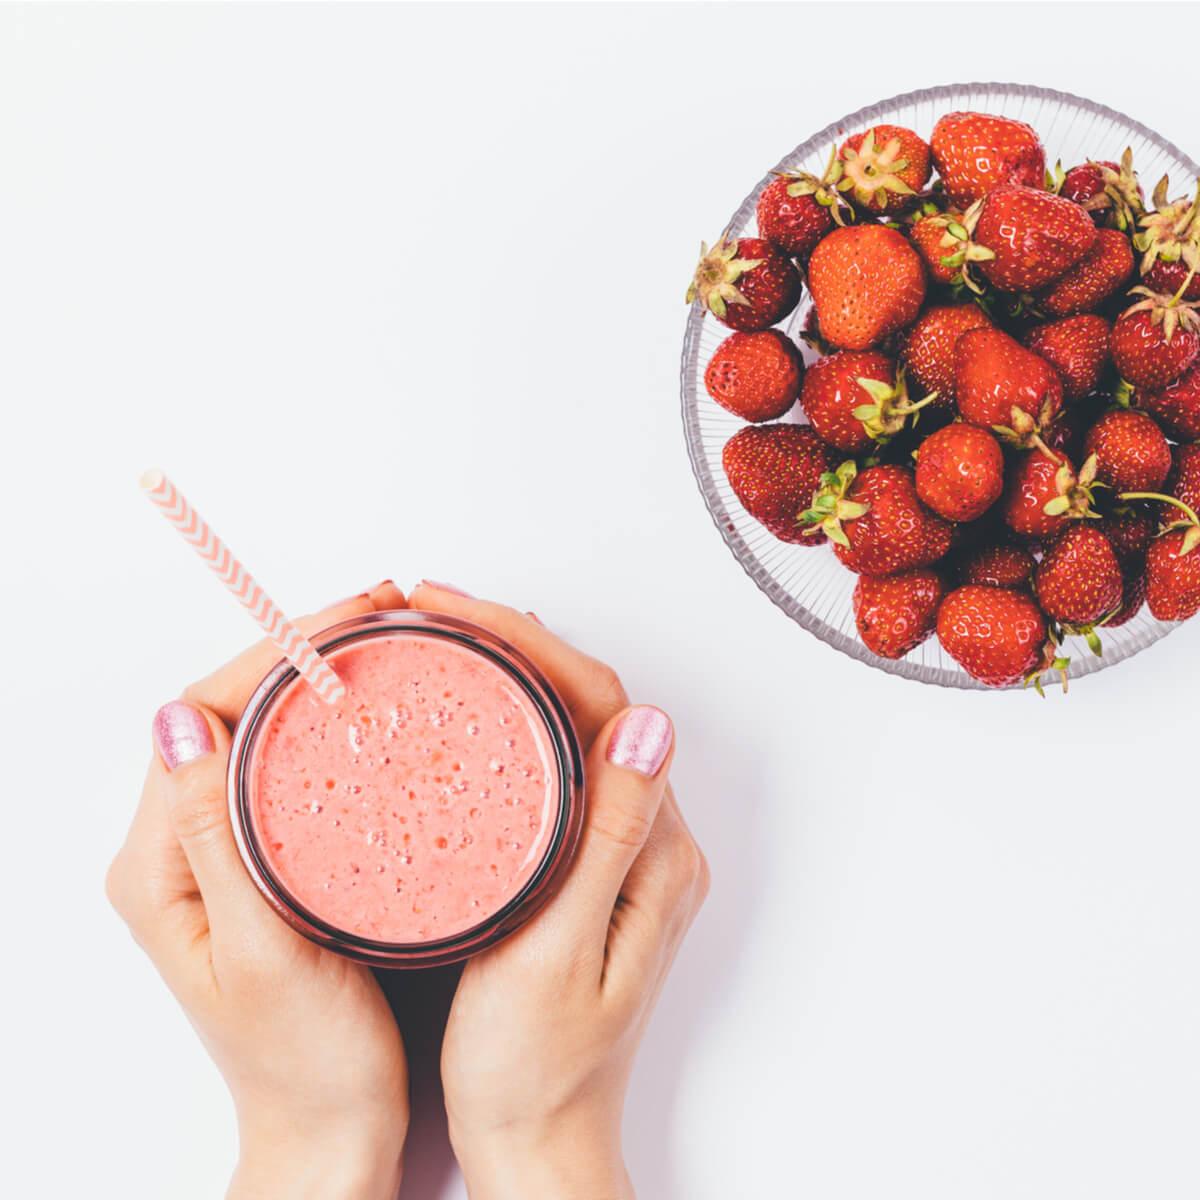 Strawberry and Avocado Smoothie